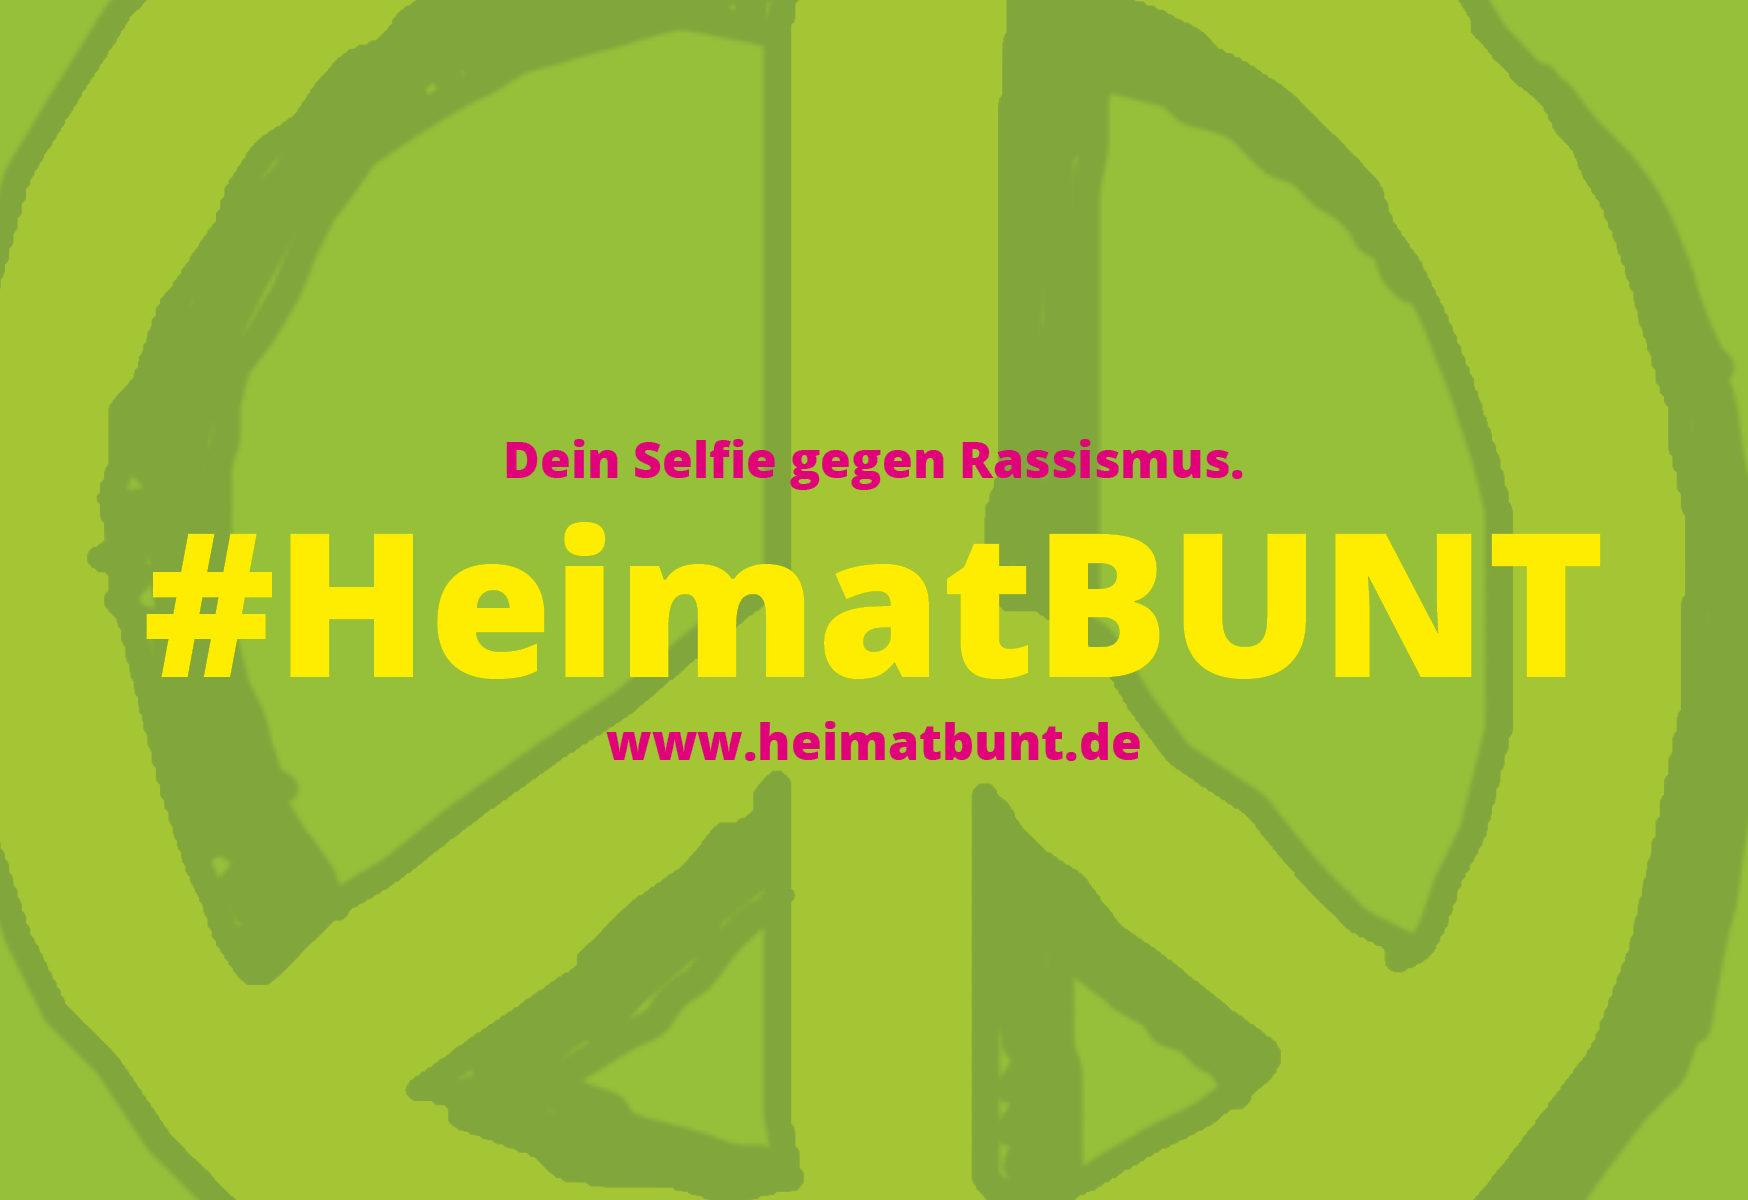 Aktion #heimatbunt - Dein Selfie gegen Rassismus